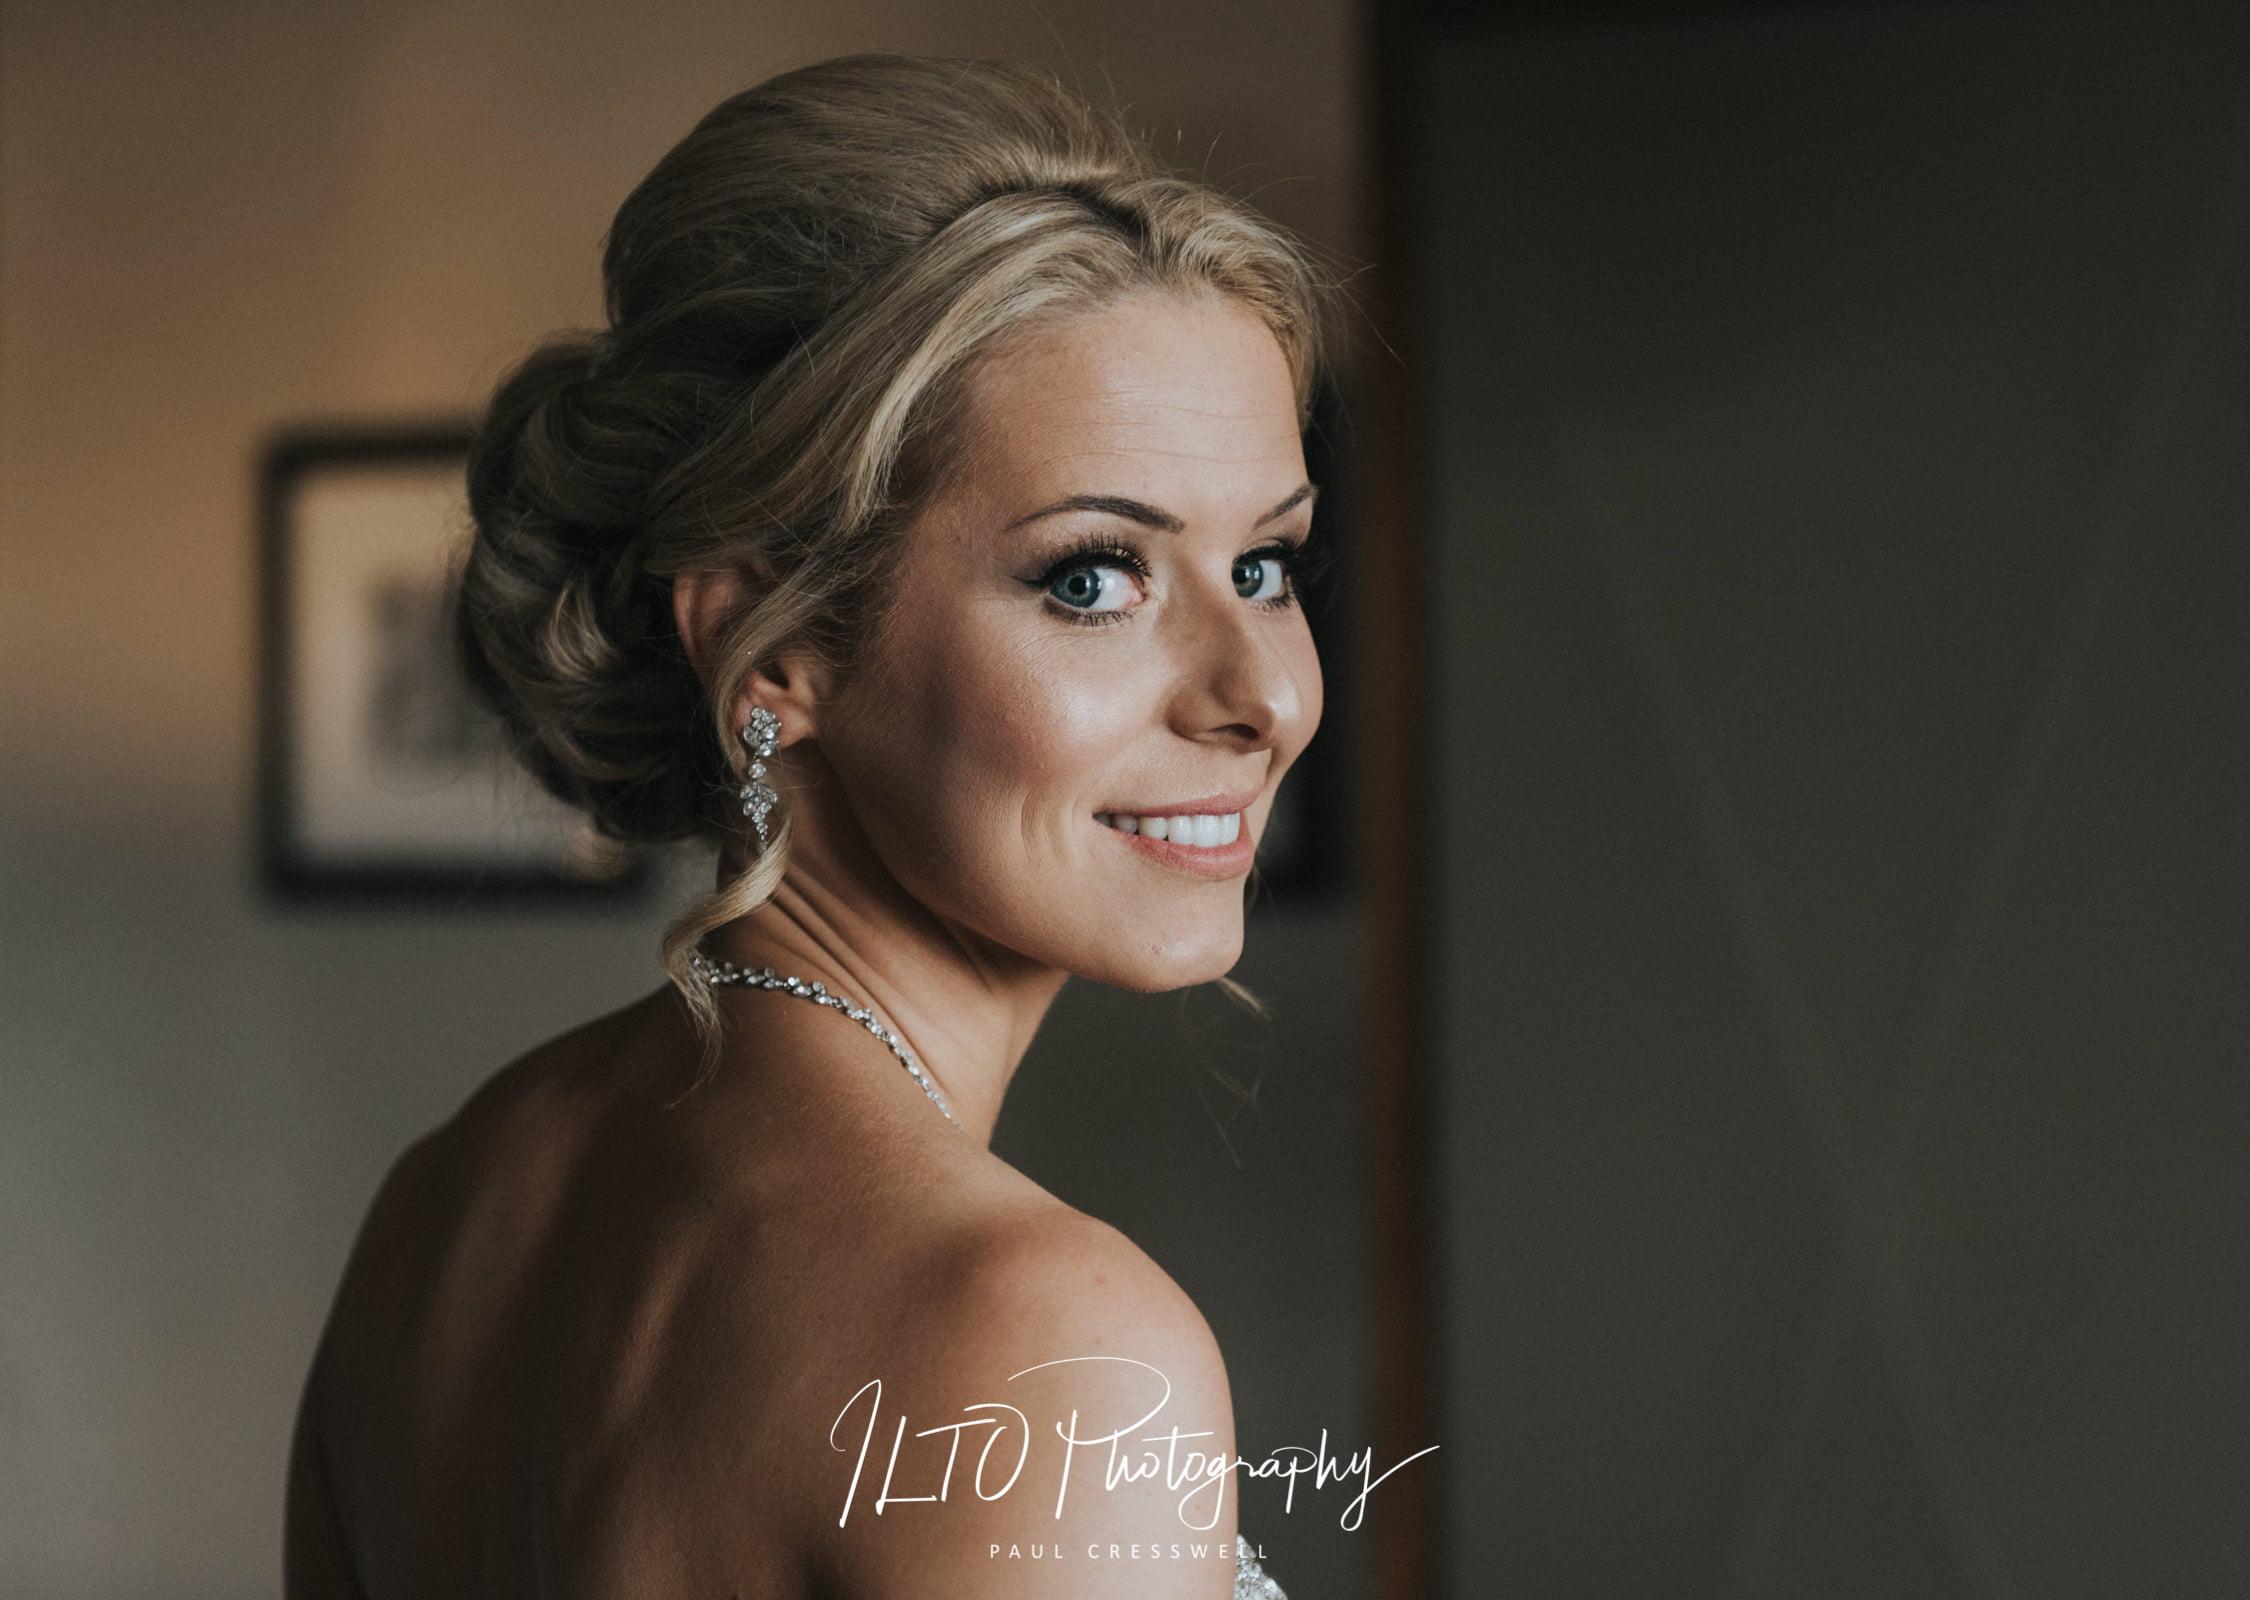 Wedding Portfolio, beautiful affordable wedding photography